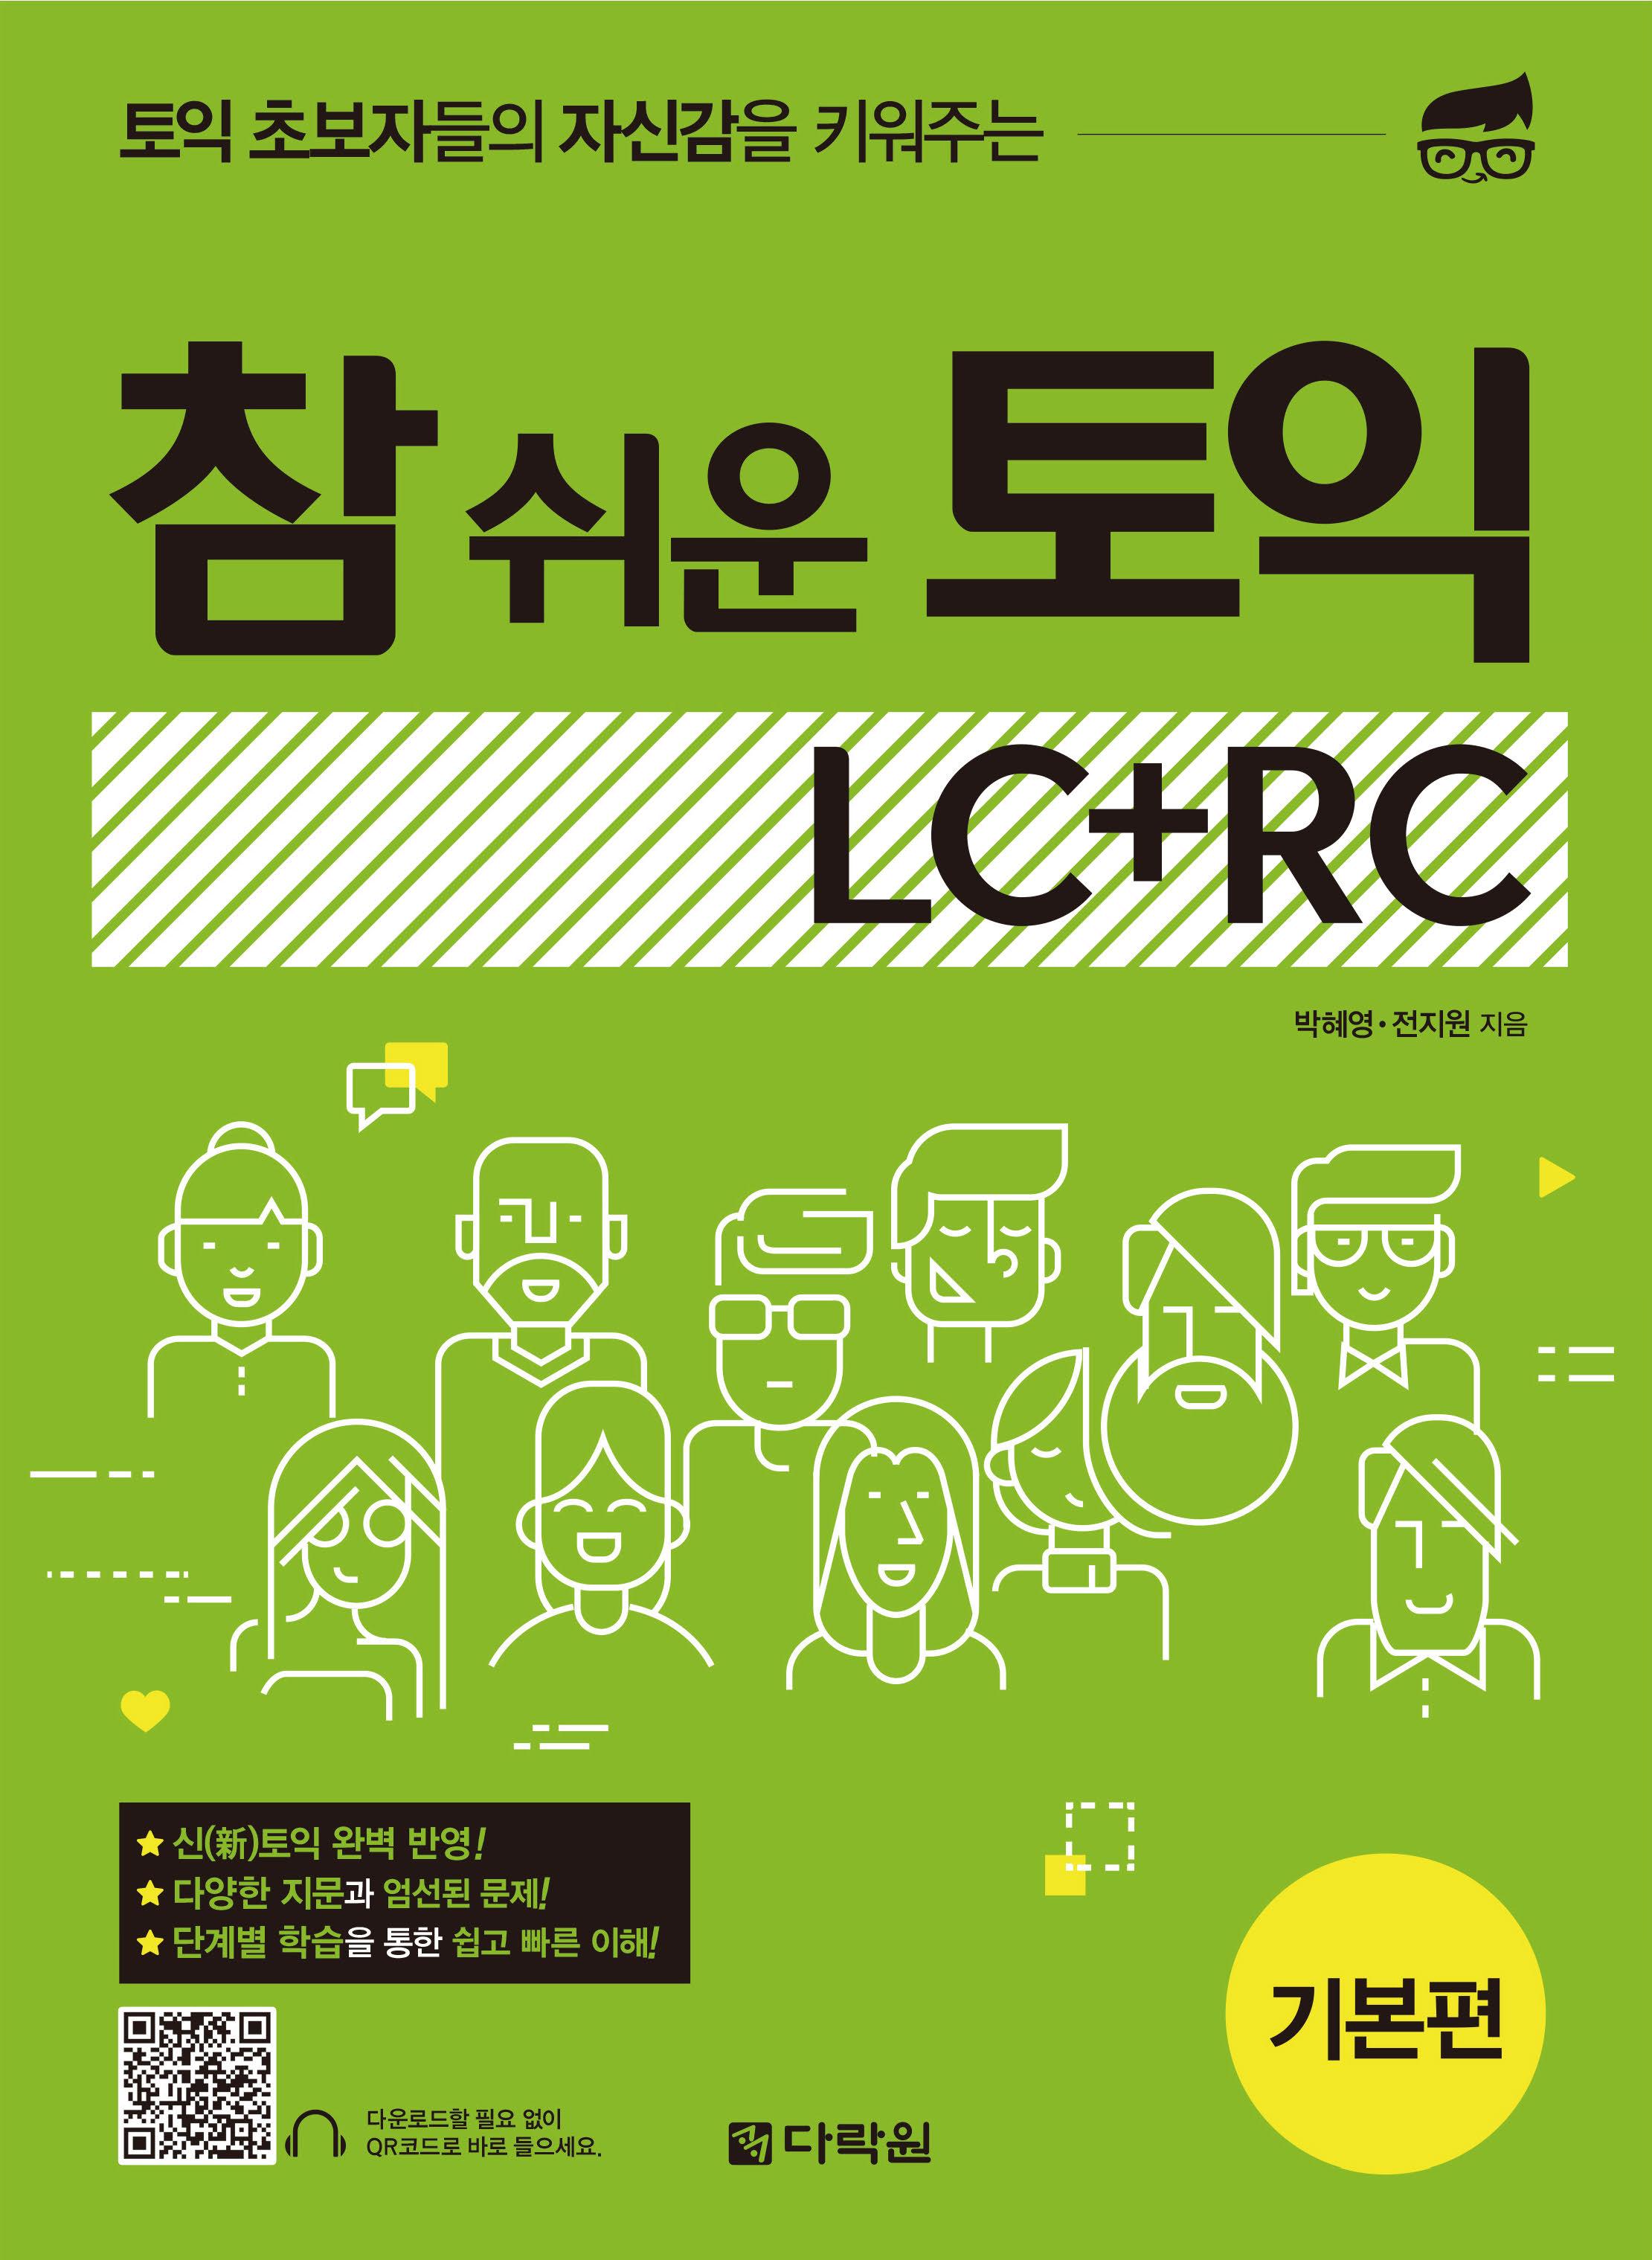 [참 쉬운 토익] (토익 초보자들의 자신감을 키워주는) 참 쉬운 토익|기본편 : LC+RC